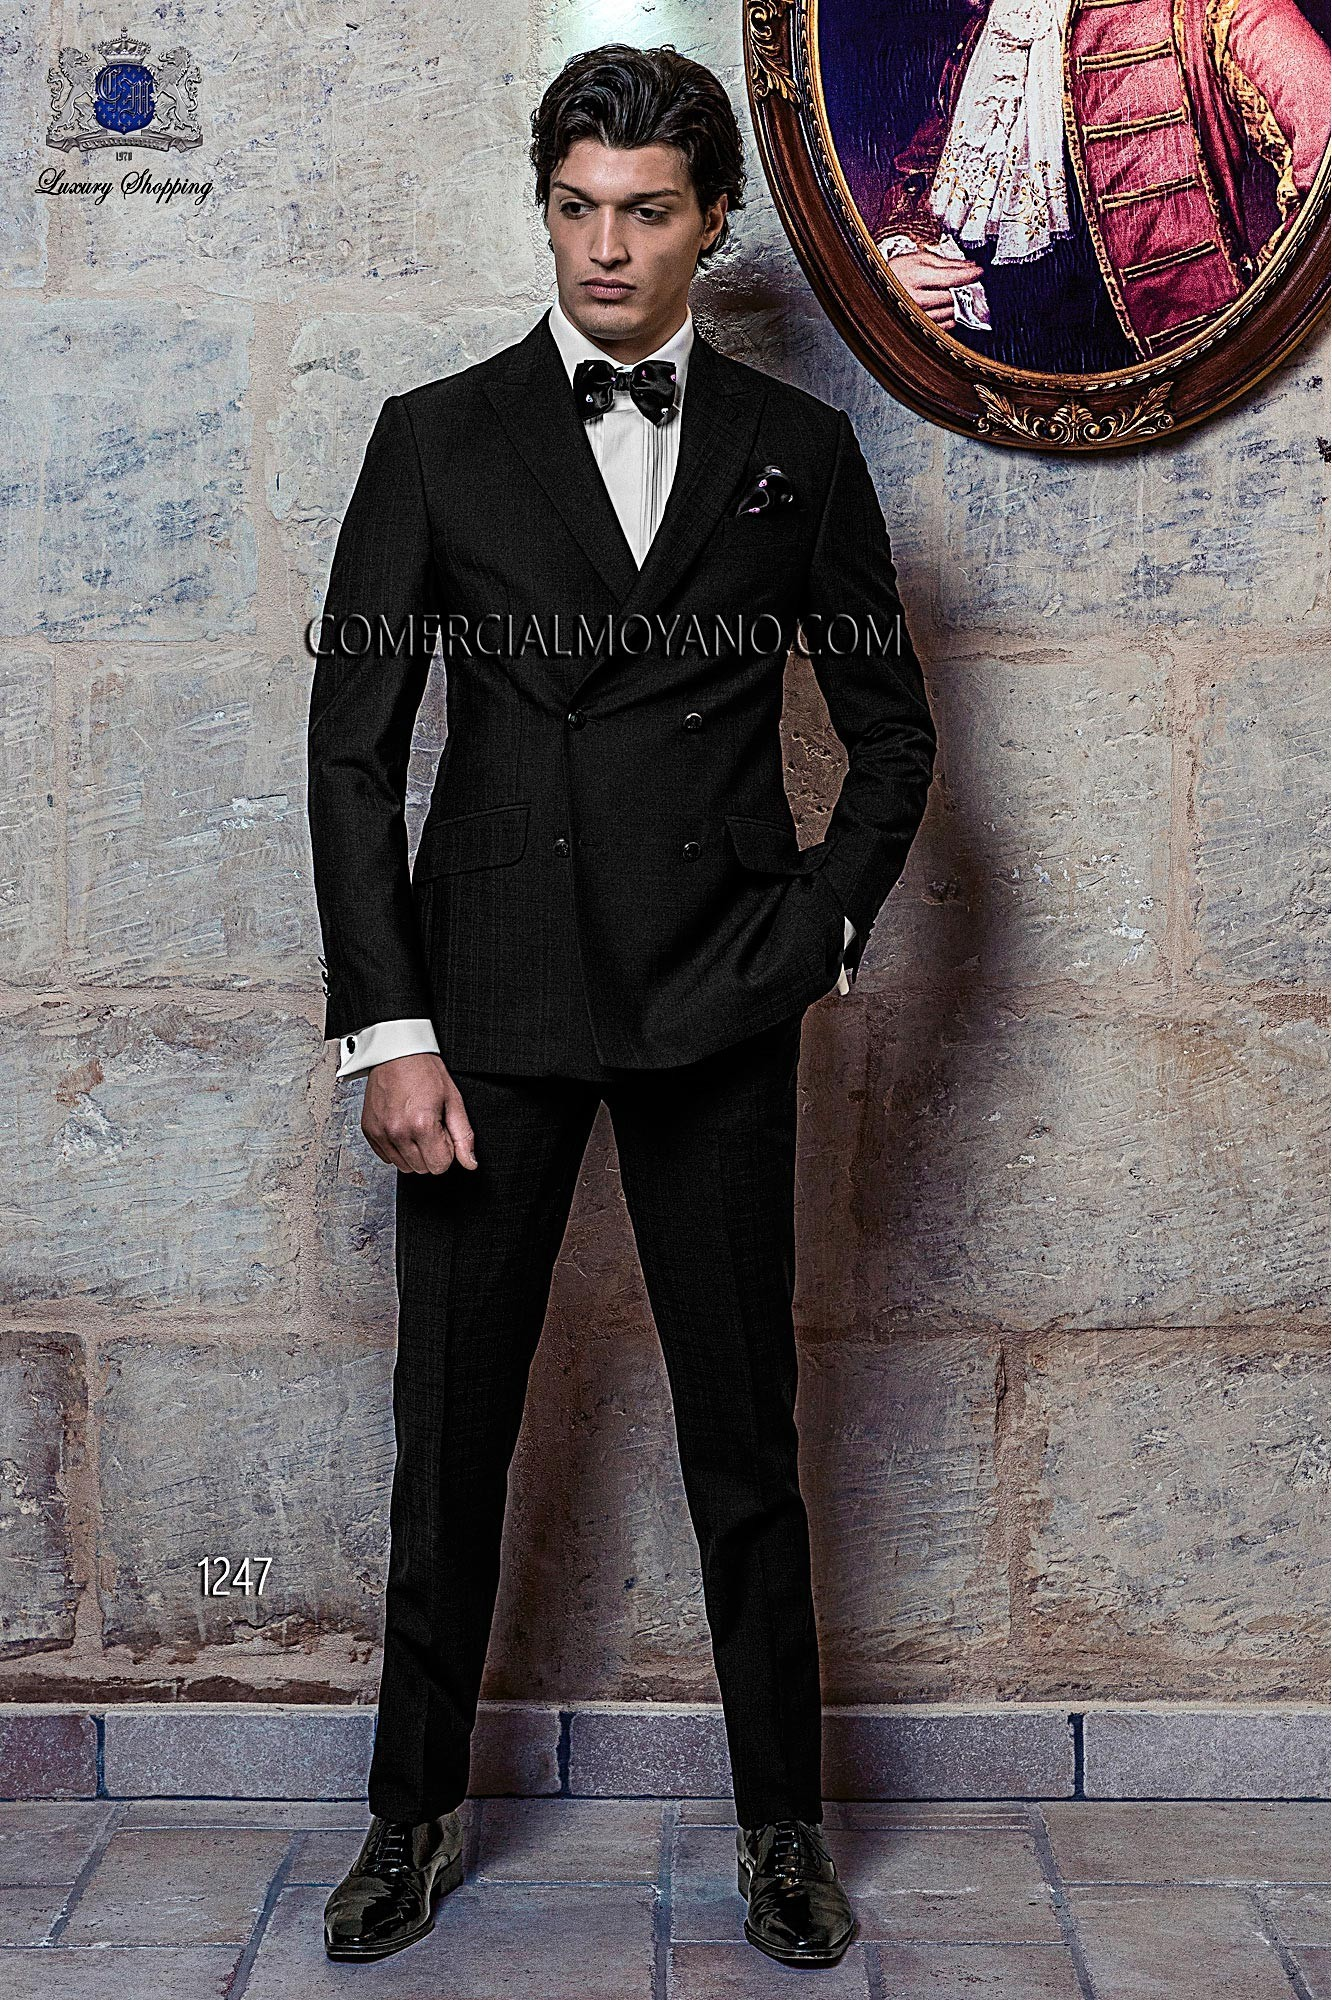 Traje de novio italiano a medida esmoquin negro en tejido 100% lana (NW) cuadros madrás, modelo 1247 Ottavio Nuccio Gala colección Black Tie 2015.